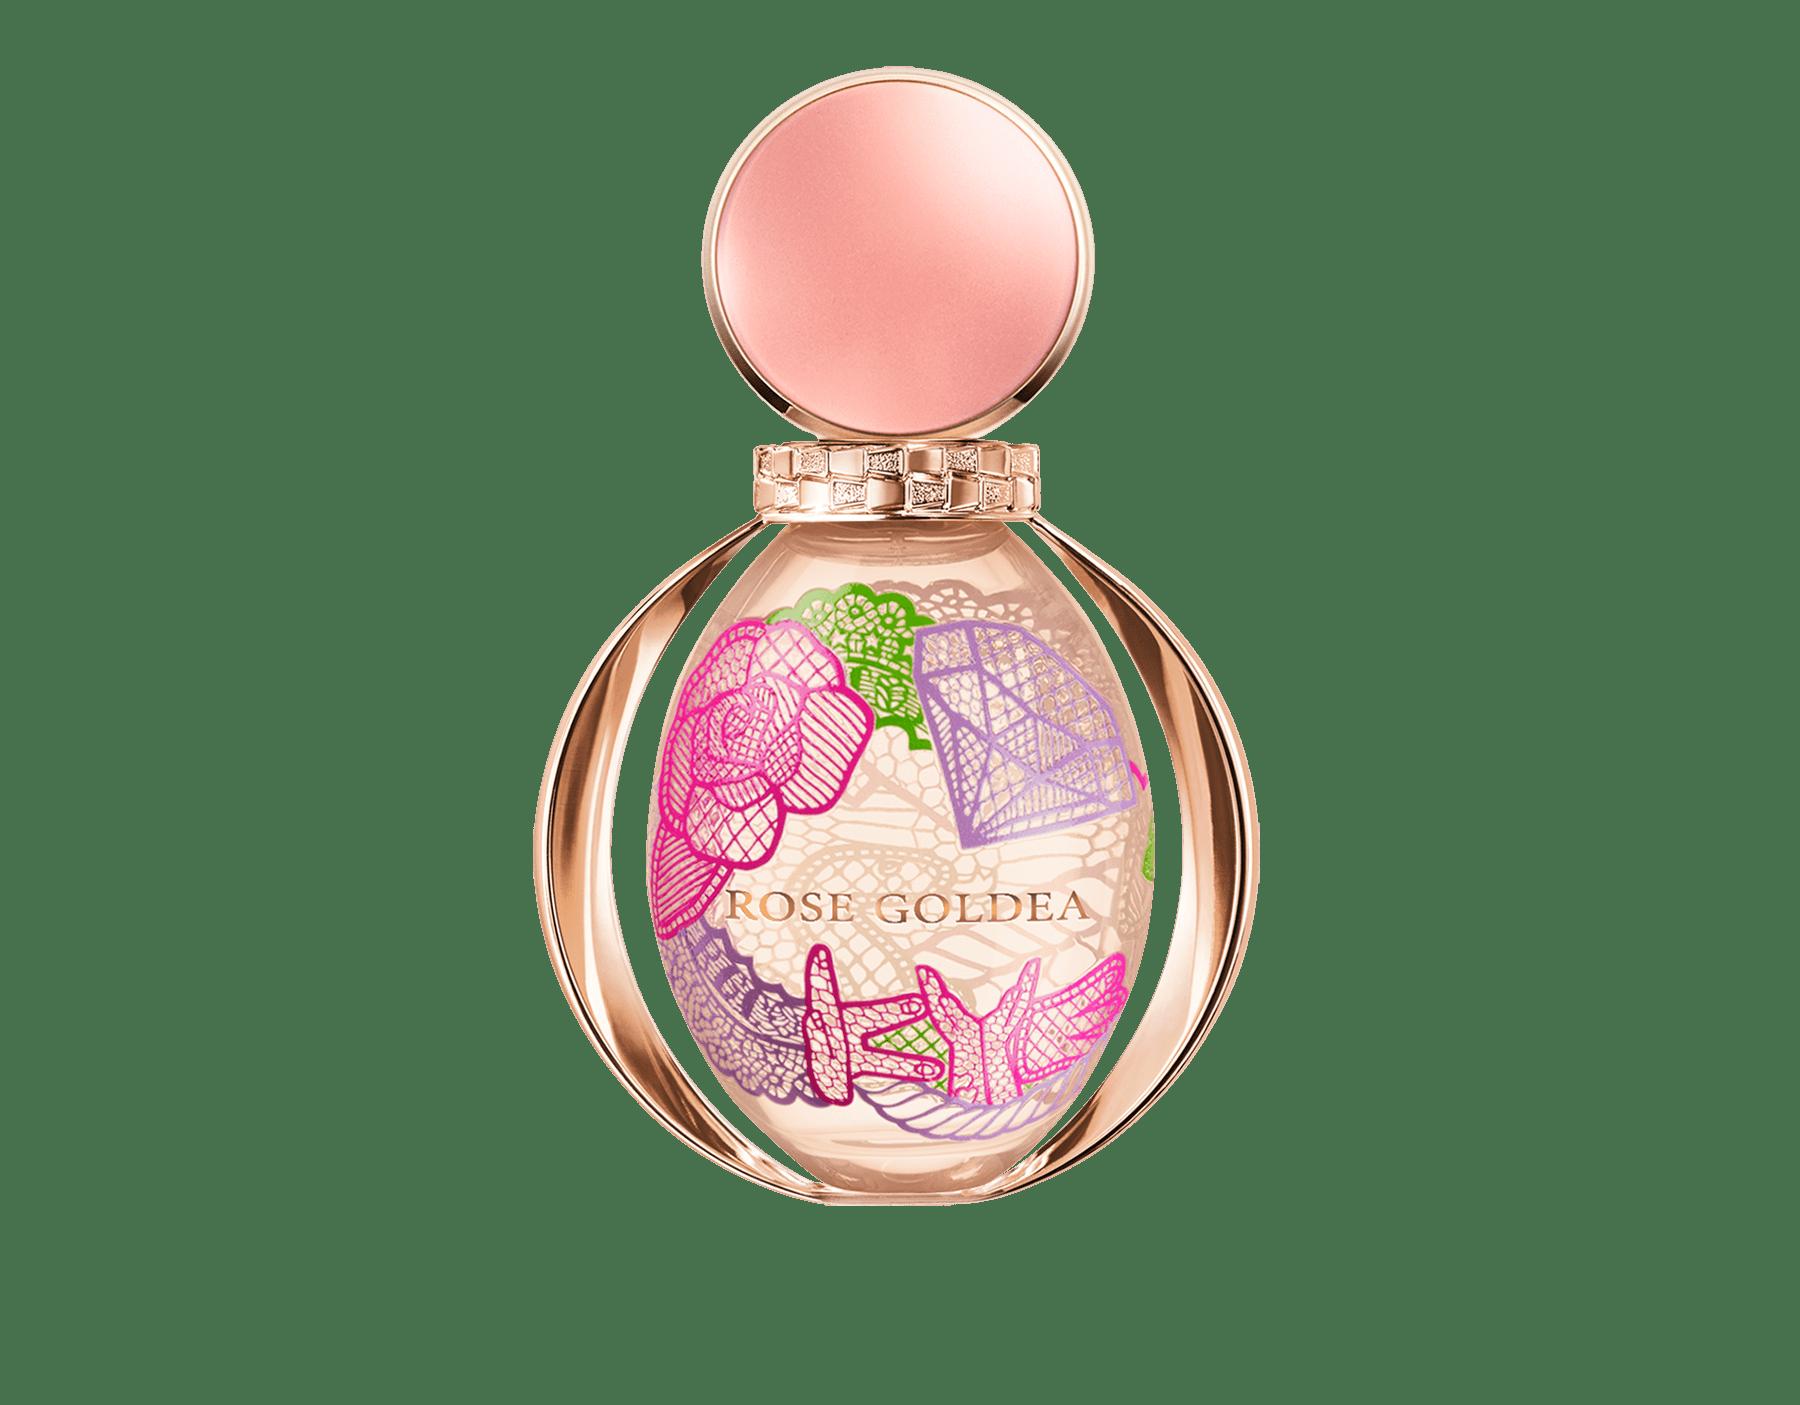 全新限量版香水,和韓國設計師 Kathleen Kye 合作,融入 Rose Goldea 原版淡香精的精神,並做出全新的精采詮釋。 41150 image 1